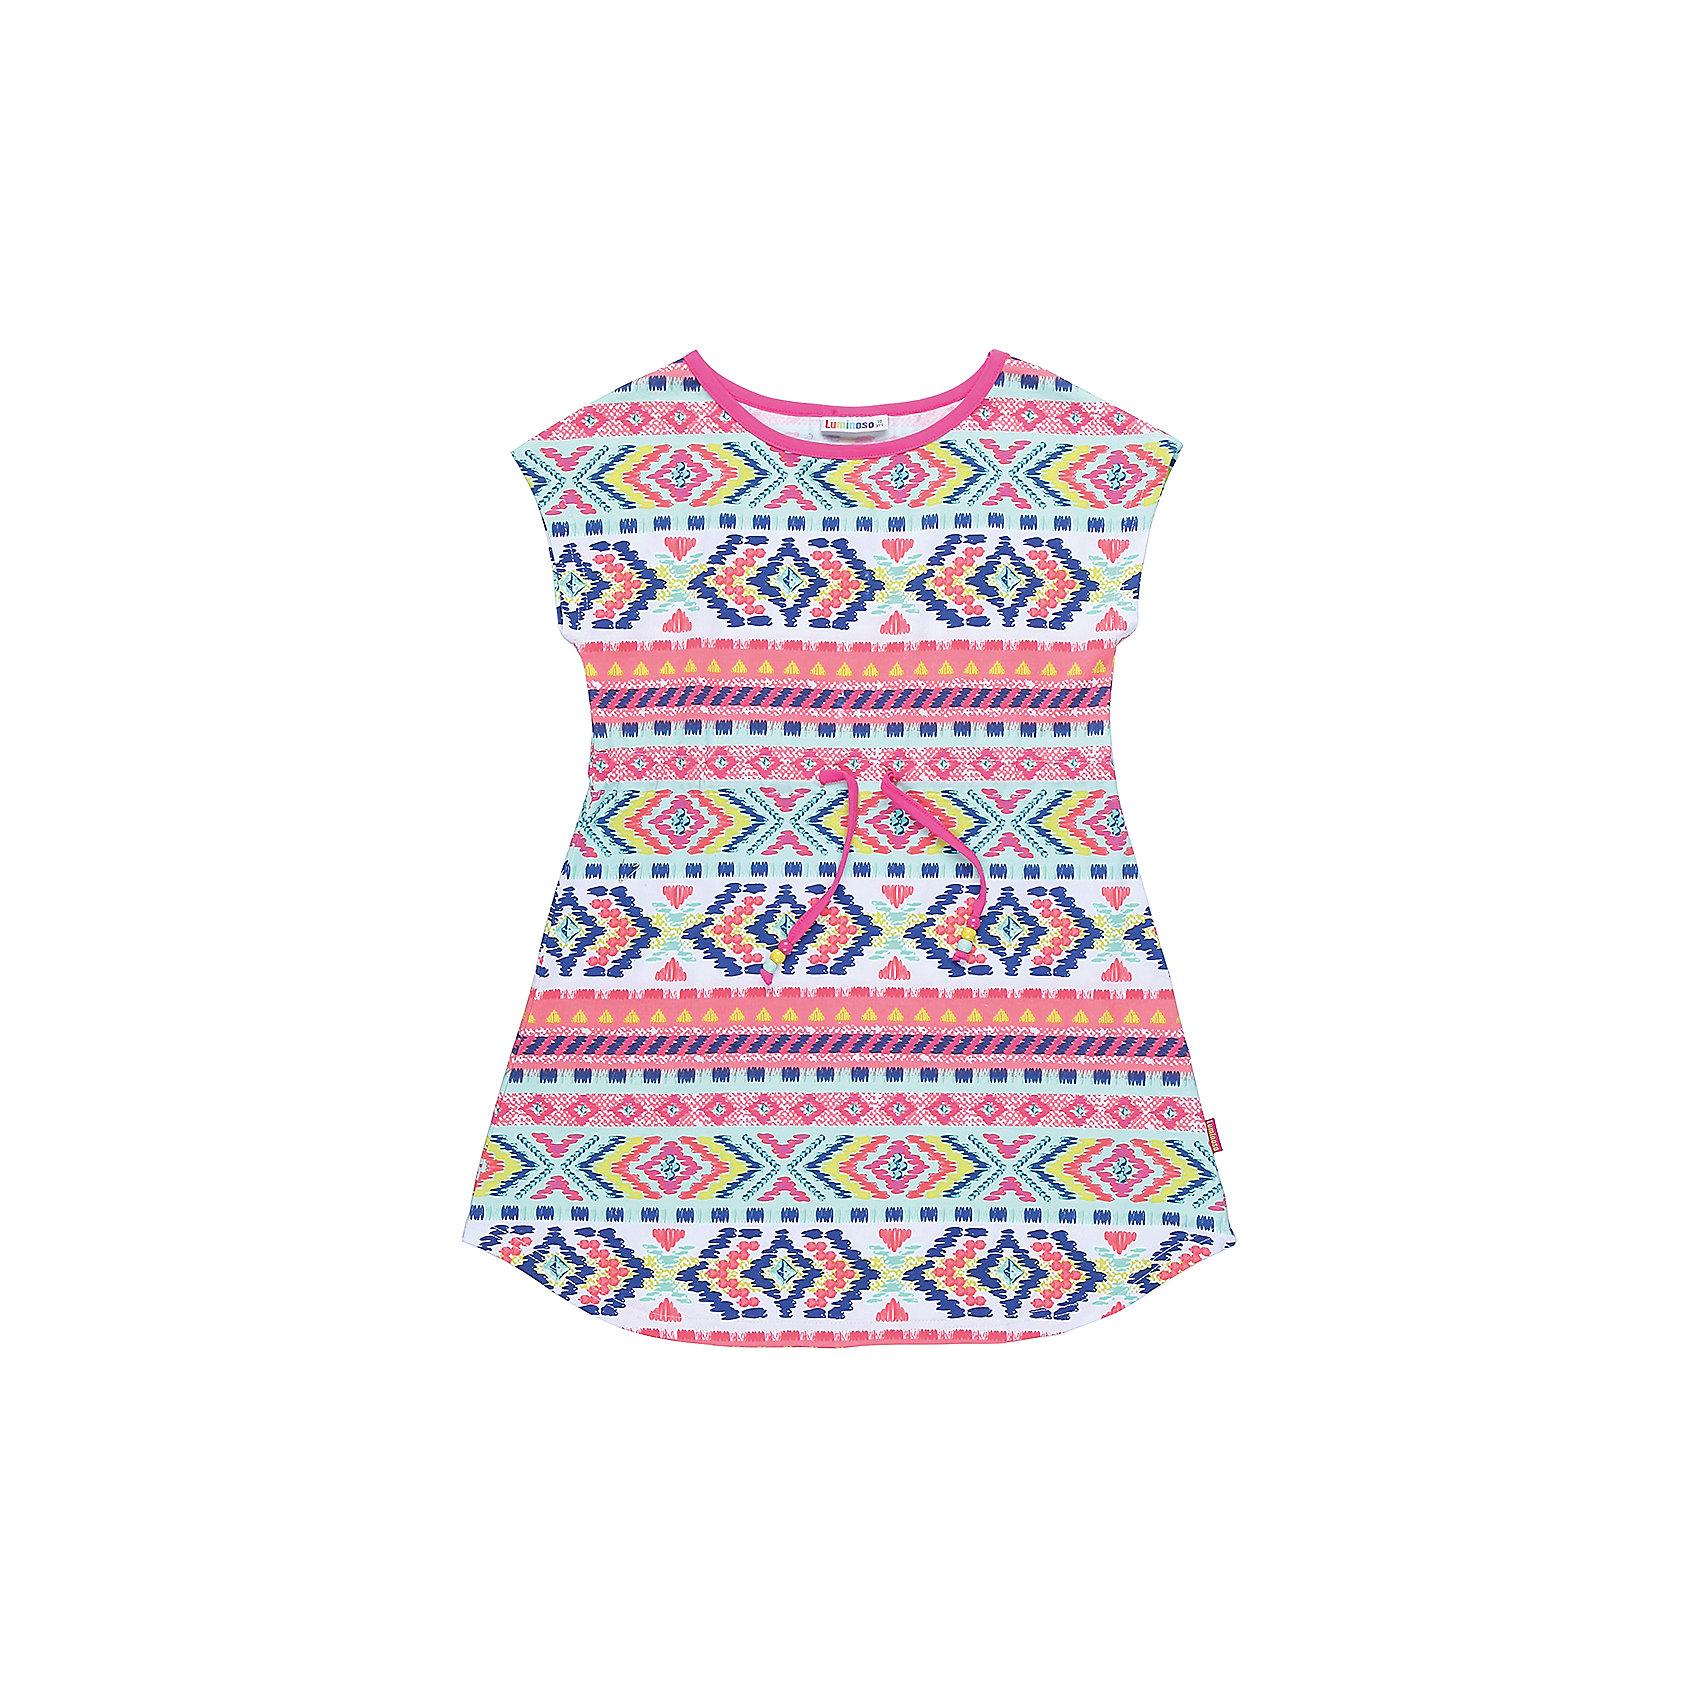 Платье для девочки LuminosoПлатья и сарафаны<br>Трикотажное платье для девочки из принтованной ткани с пояском. Приталенный крой.<br>Состав:<br>95%хлопок 5%эластан<br><br>Ширина мм: 236<br>Глубина мм: 16<br>Высота мм: 184<br>Вес г: 177<br>Цвет: разноцветный<br>Возраст от месяцев: 108<br>Возраст до месяцев: 120<br>Пол: Женский<br>Возраст: Детский<br>Размер: 140,134,164,158,152,146<br>SKU: 5413626